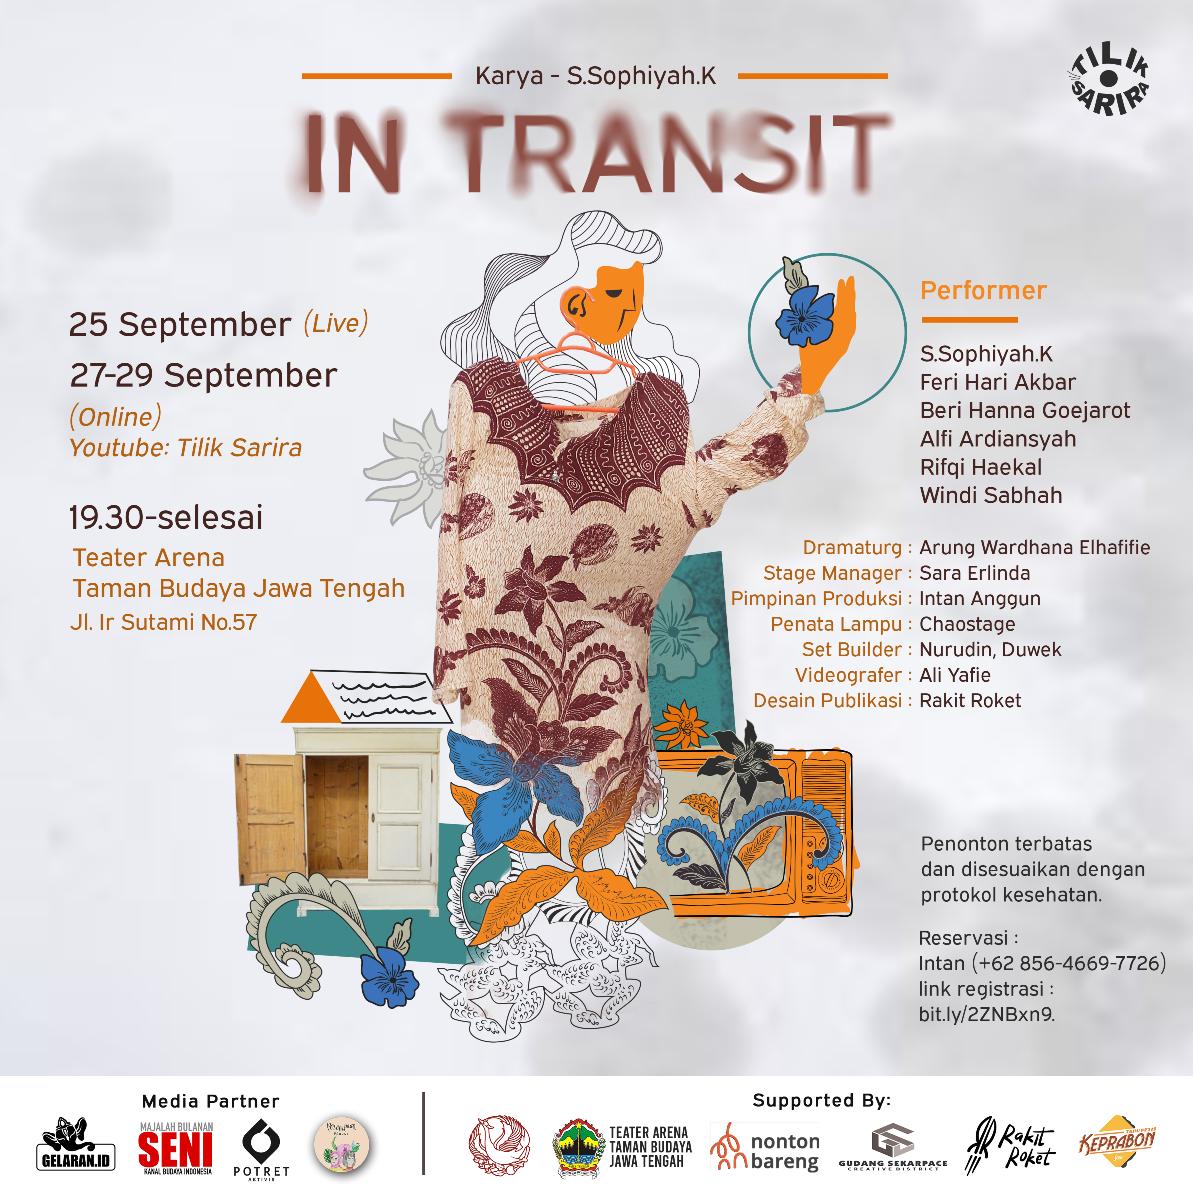 Ilustrasi In Transit final | In Transit [Online]